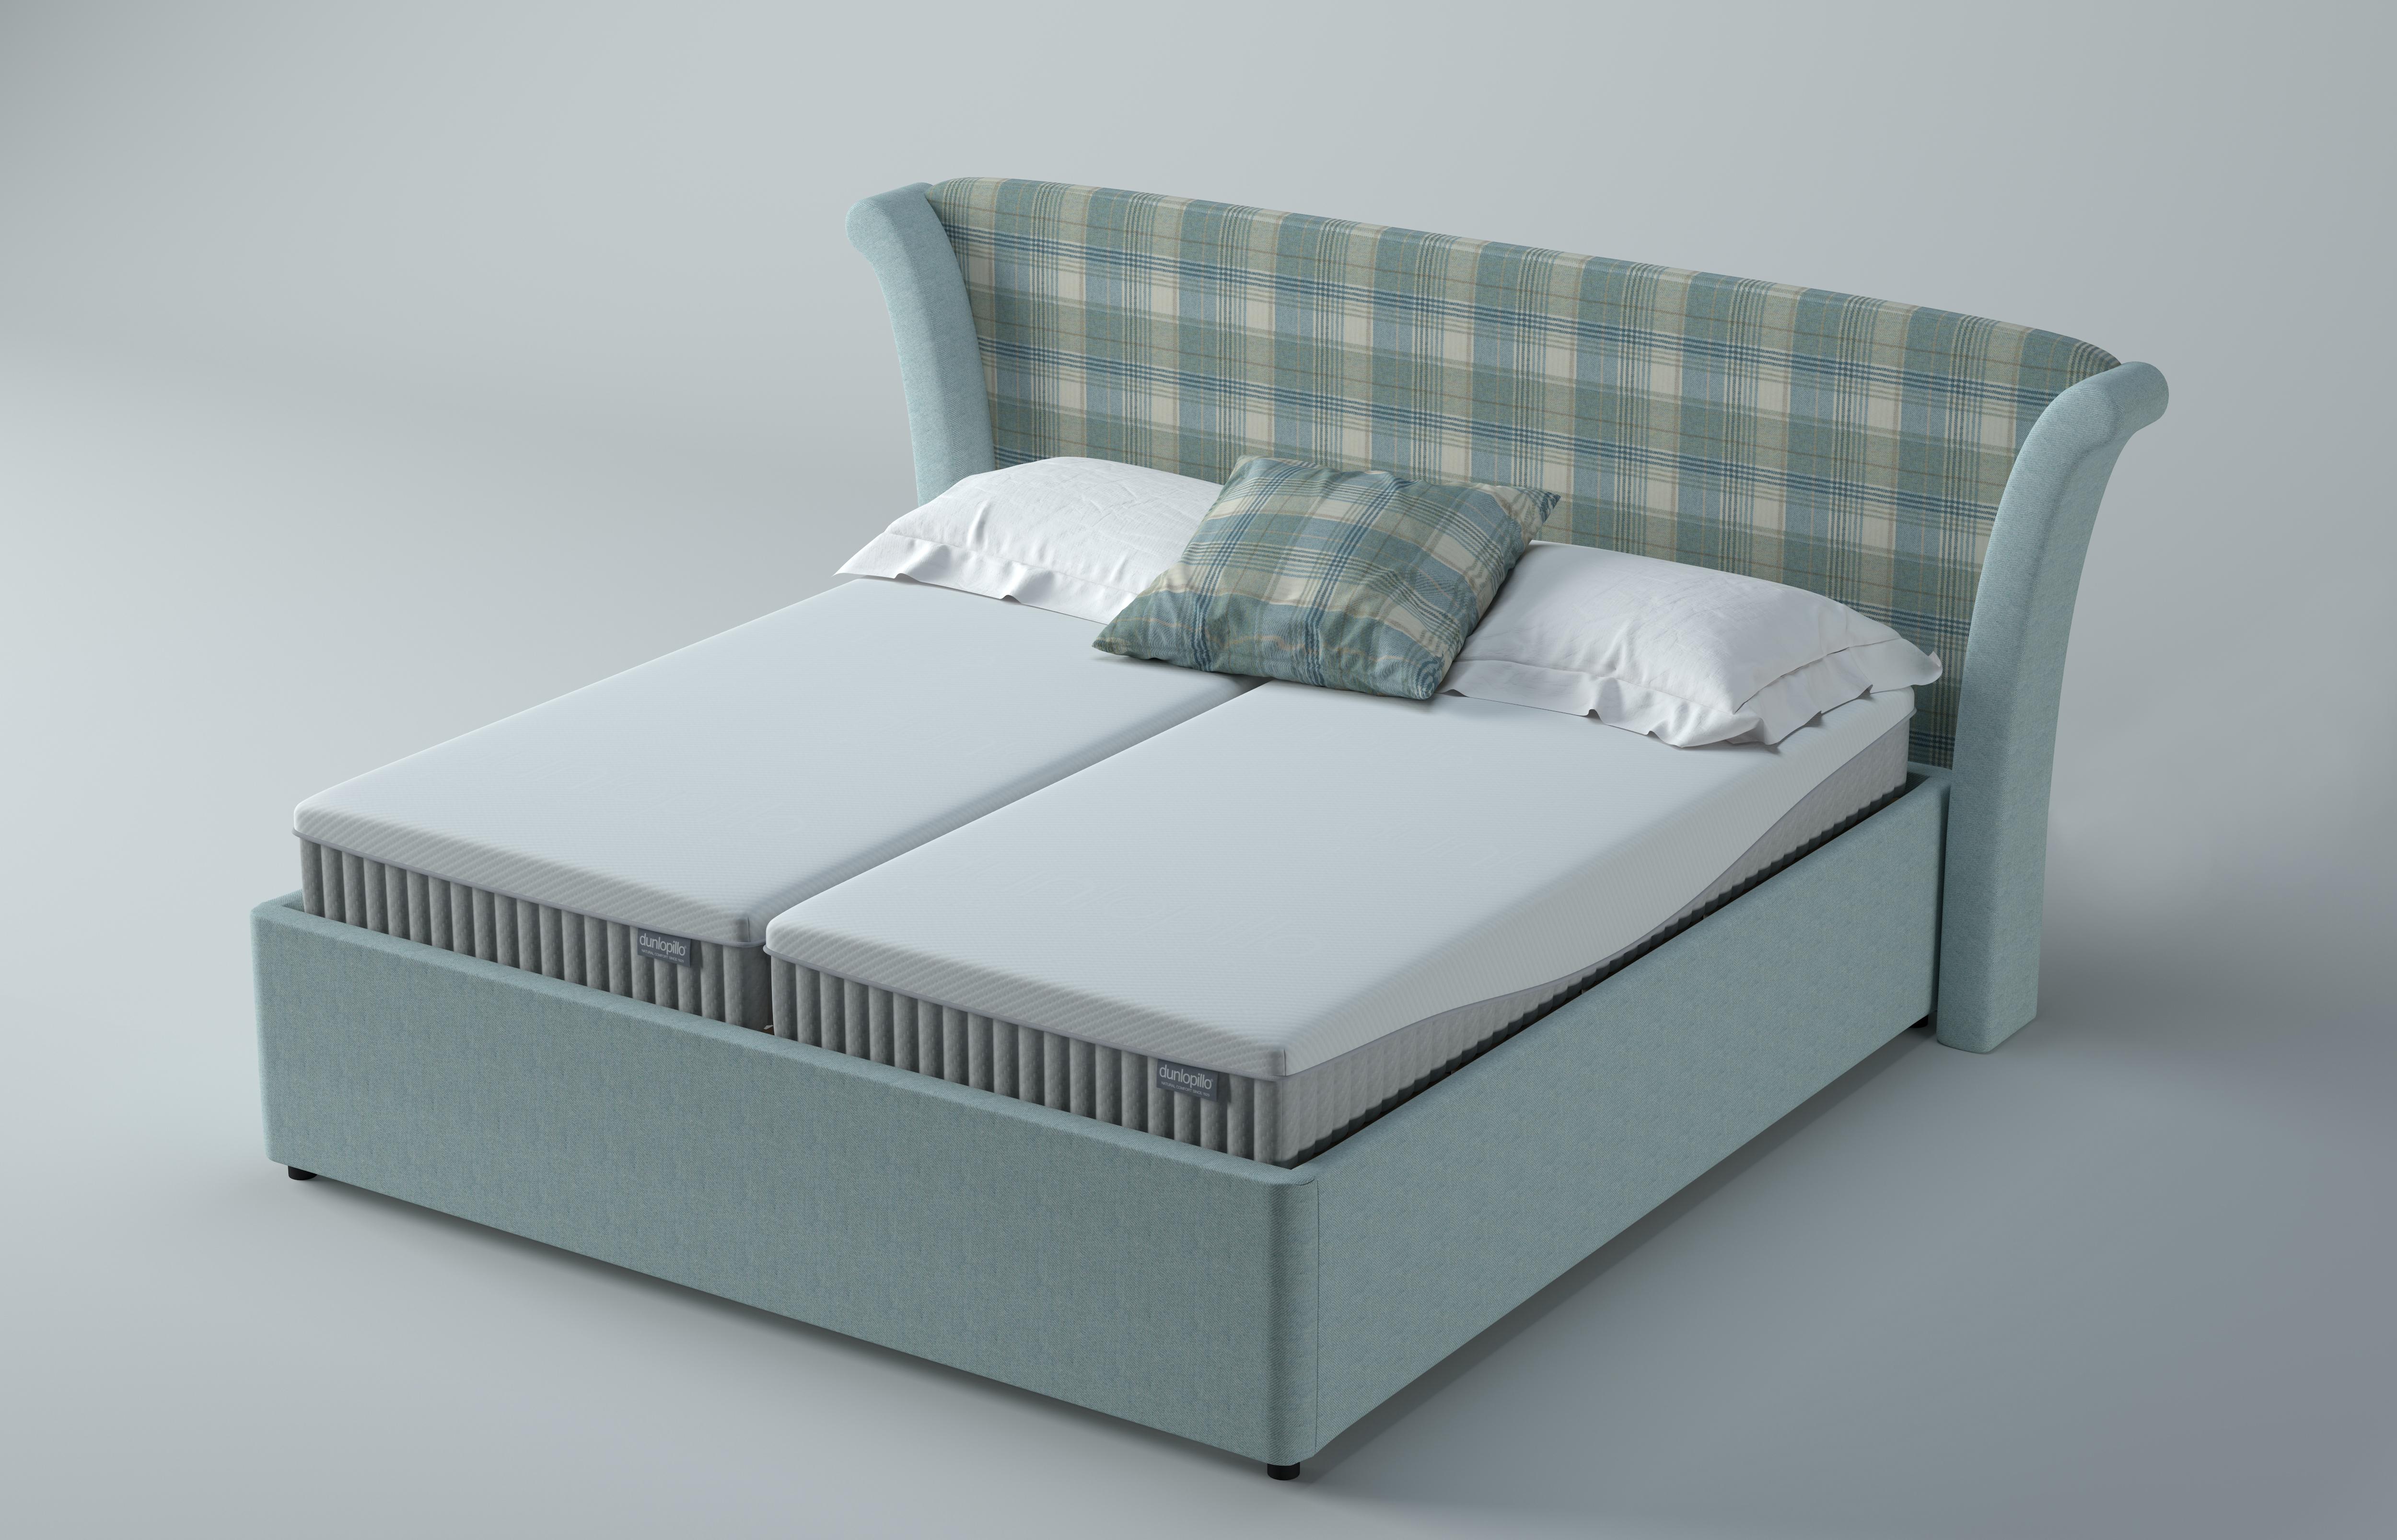 Beds Dunlopillo Firmrest Adjustable Bed